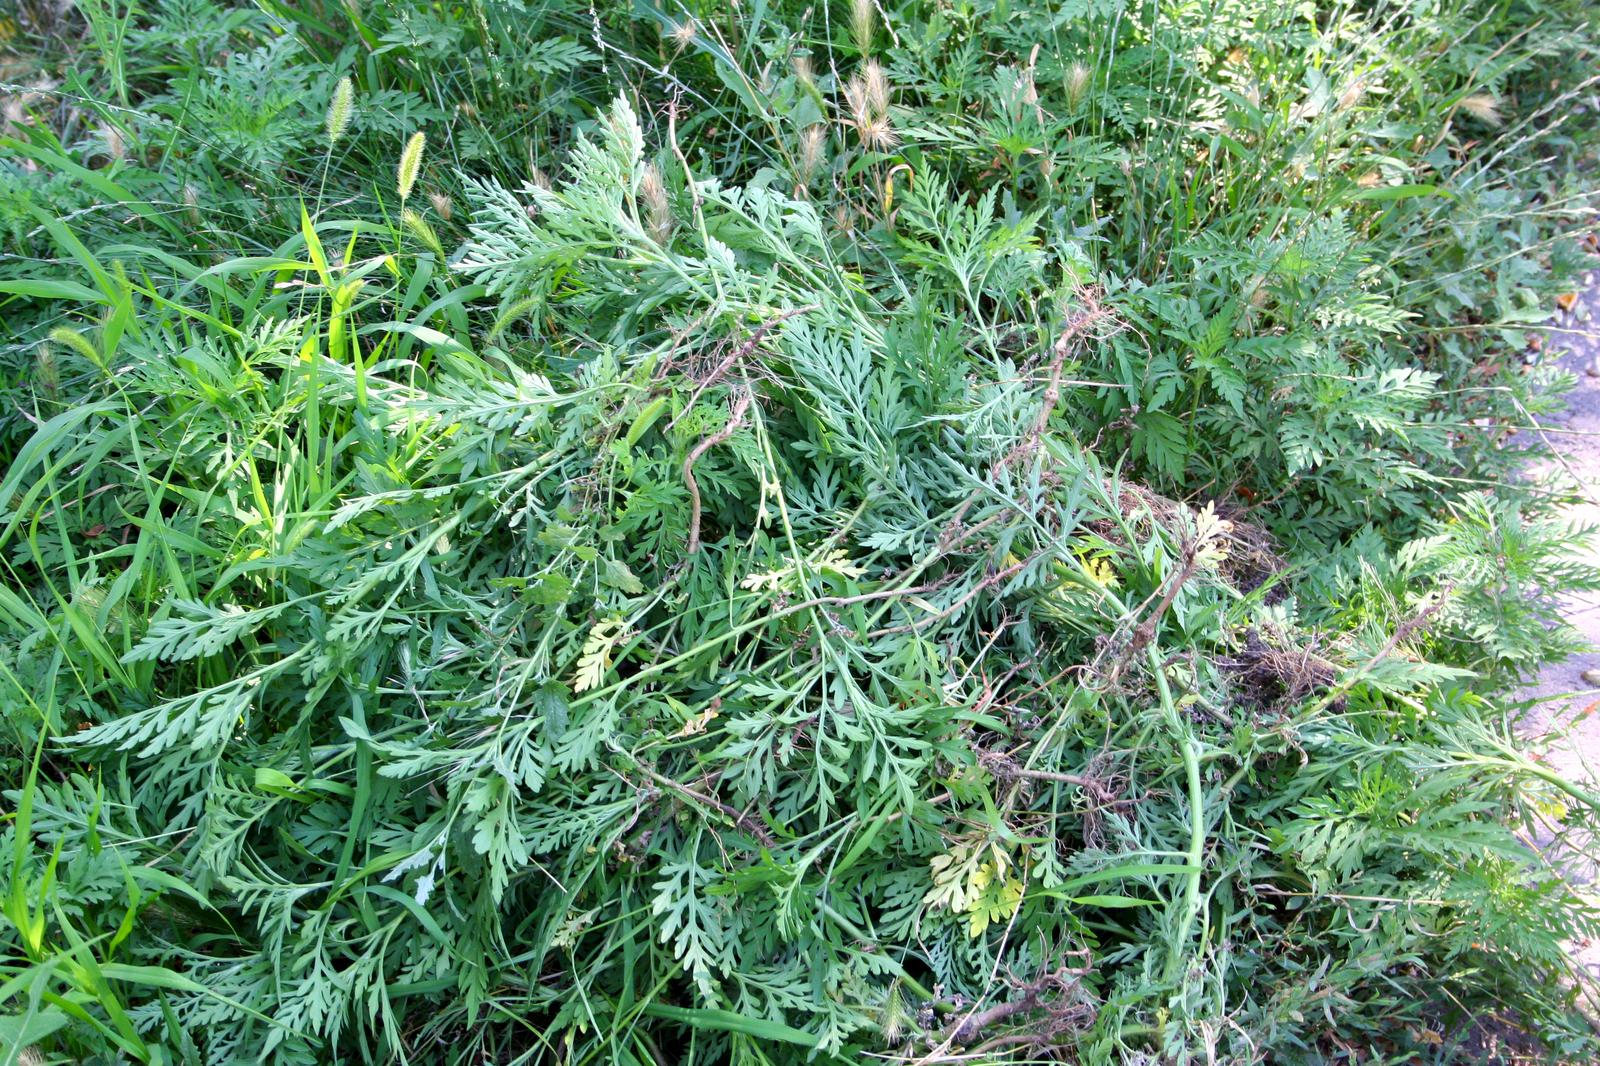 Амброзия растение. Описание, особенности, вред и борьба с амброзией. Сорняк амброзия аллергия